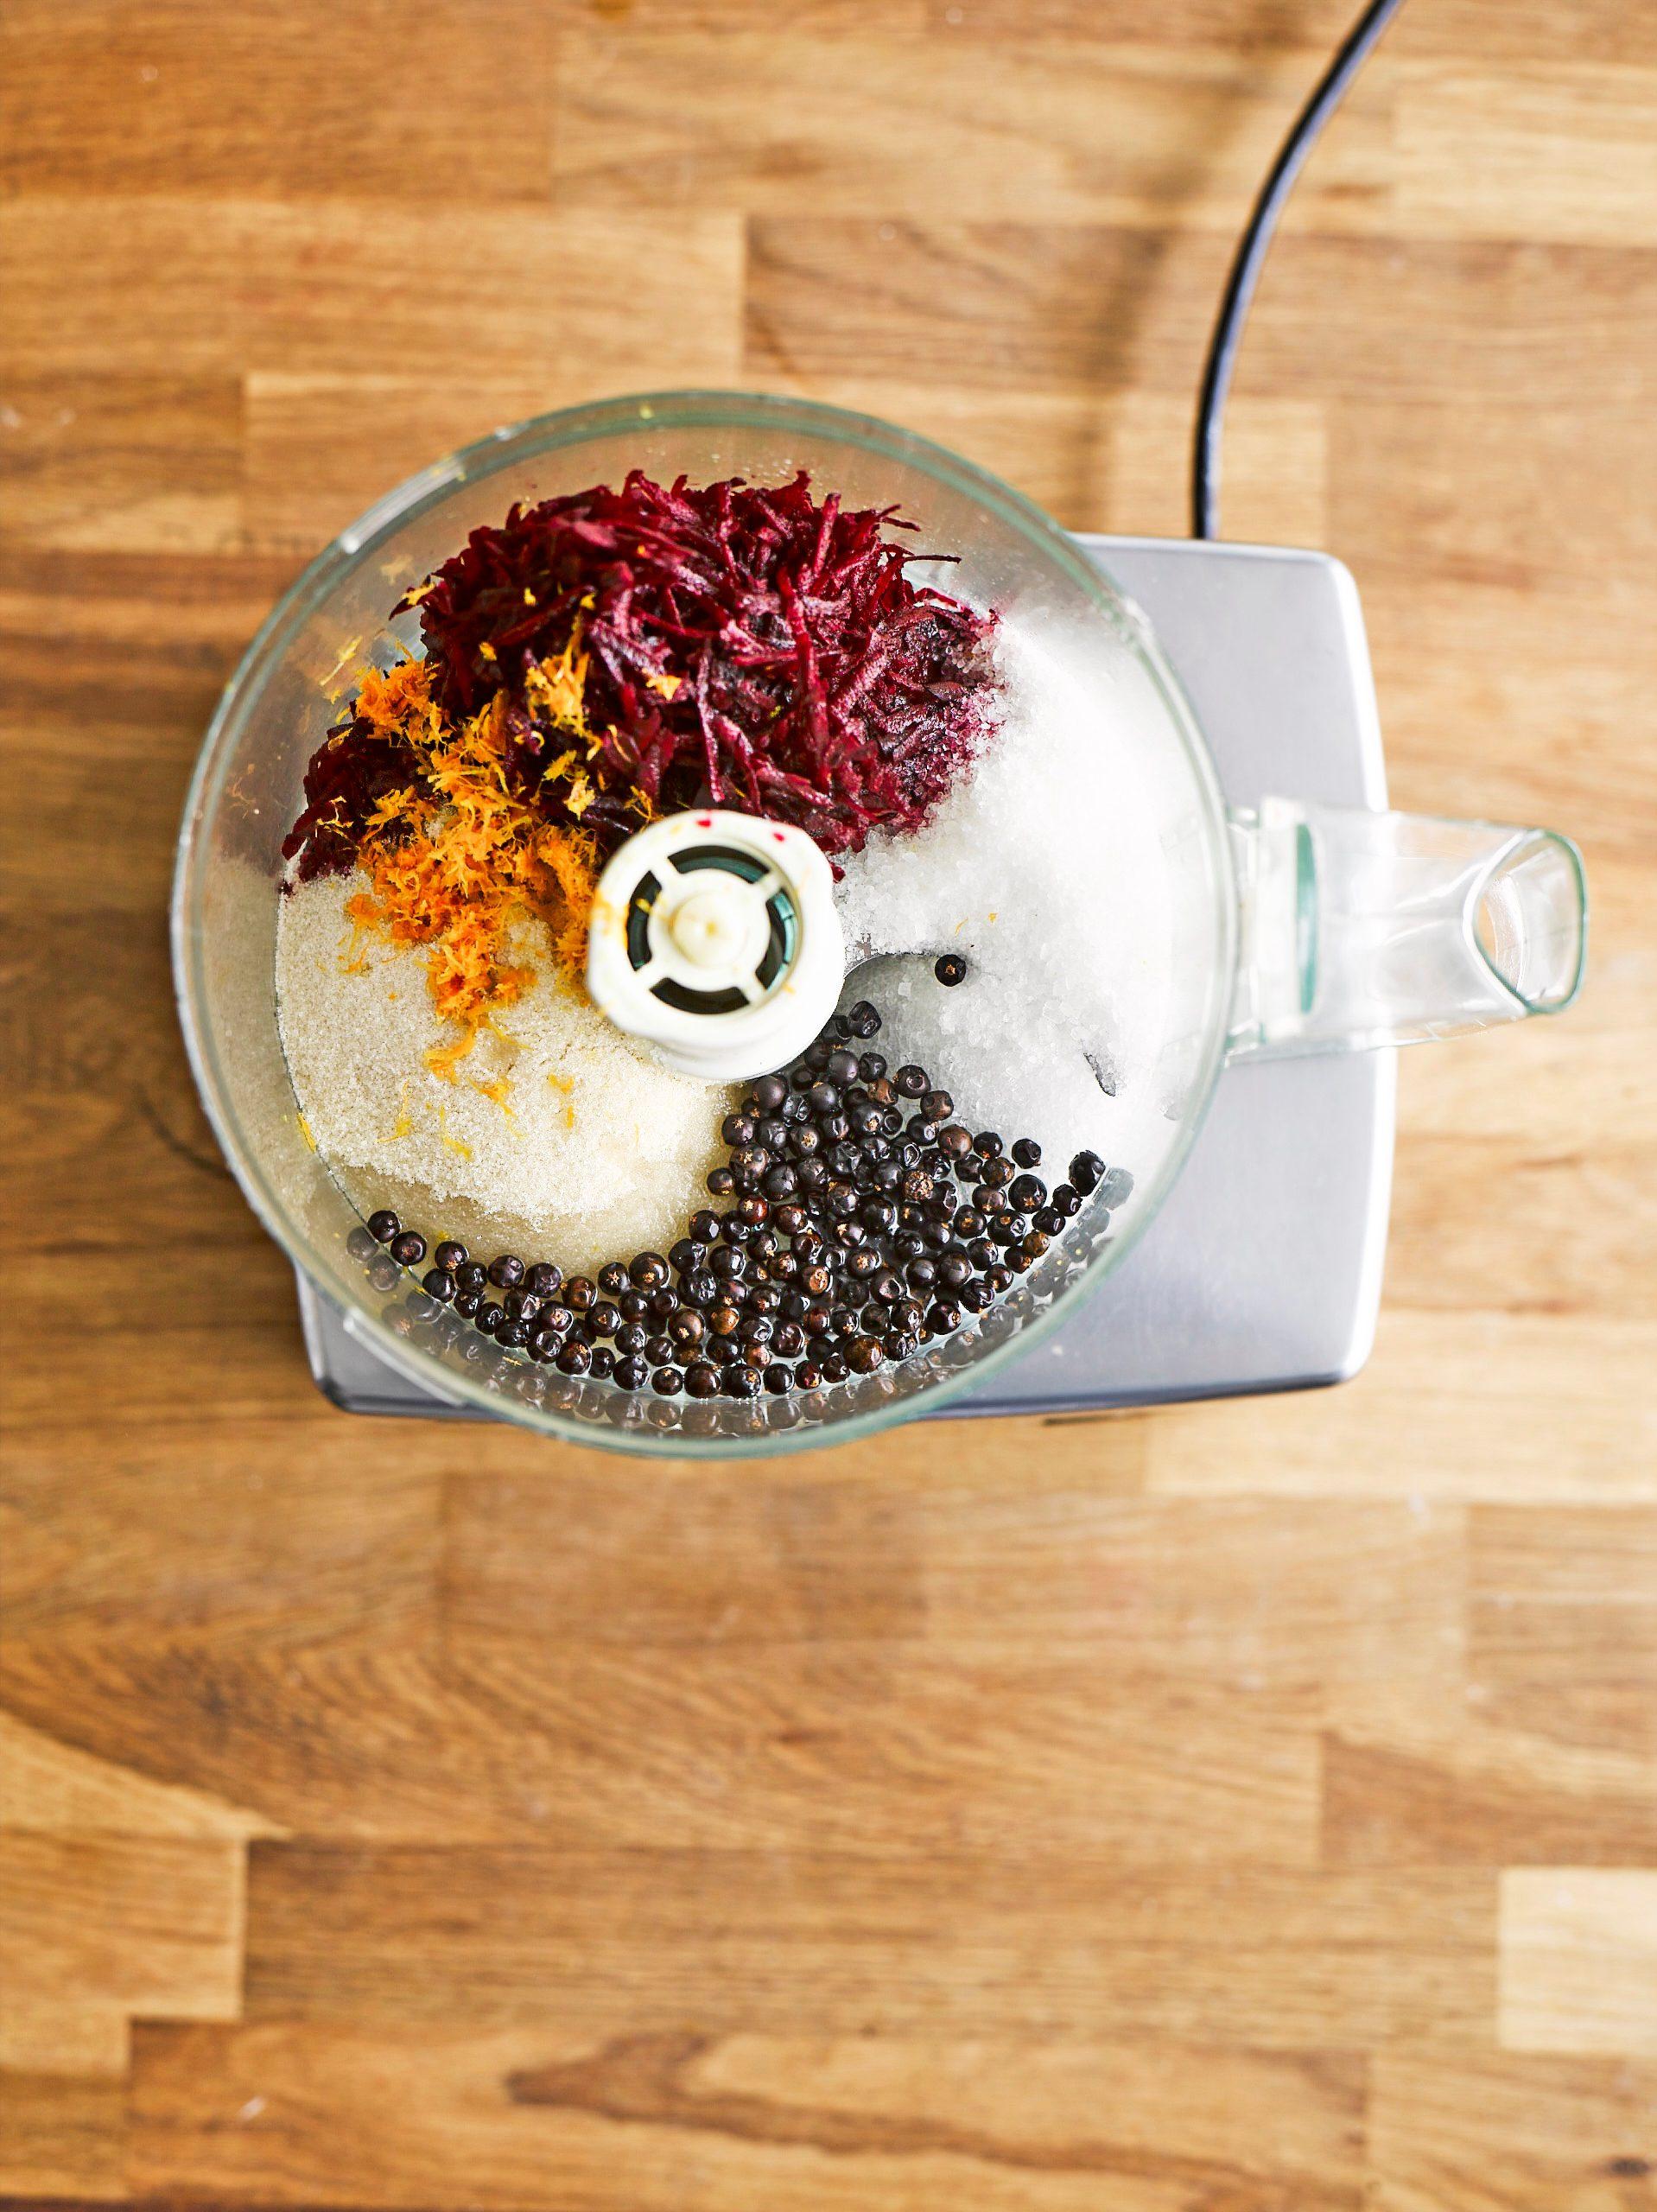 Adăugarea de ingrediente la robotul de bucătărie